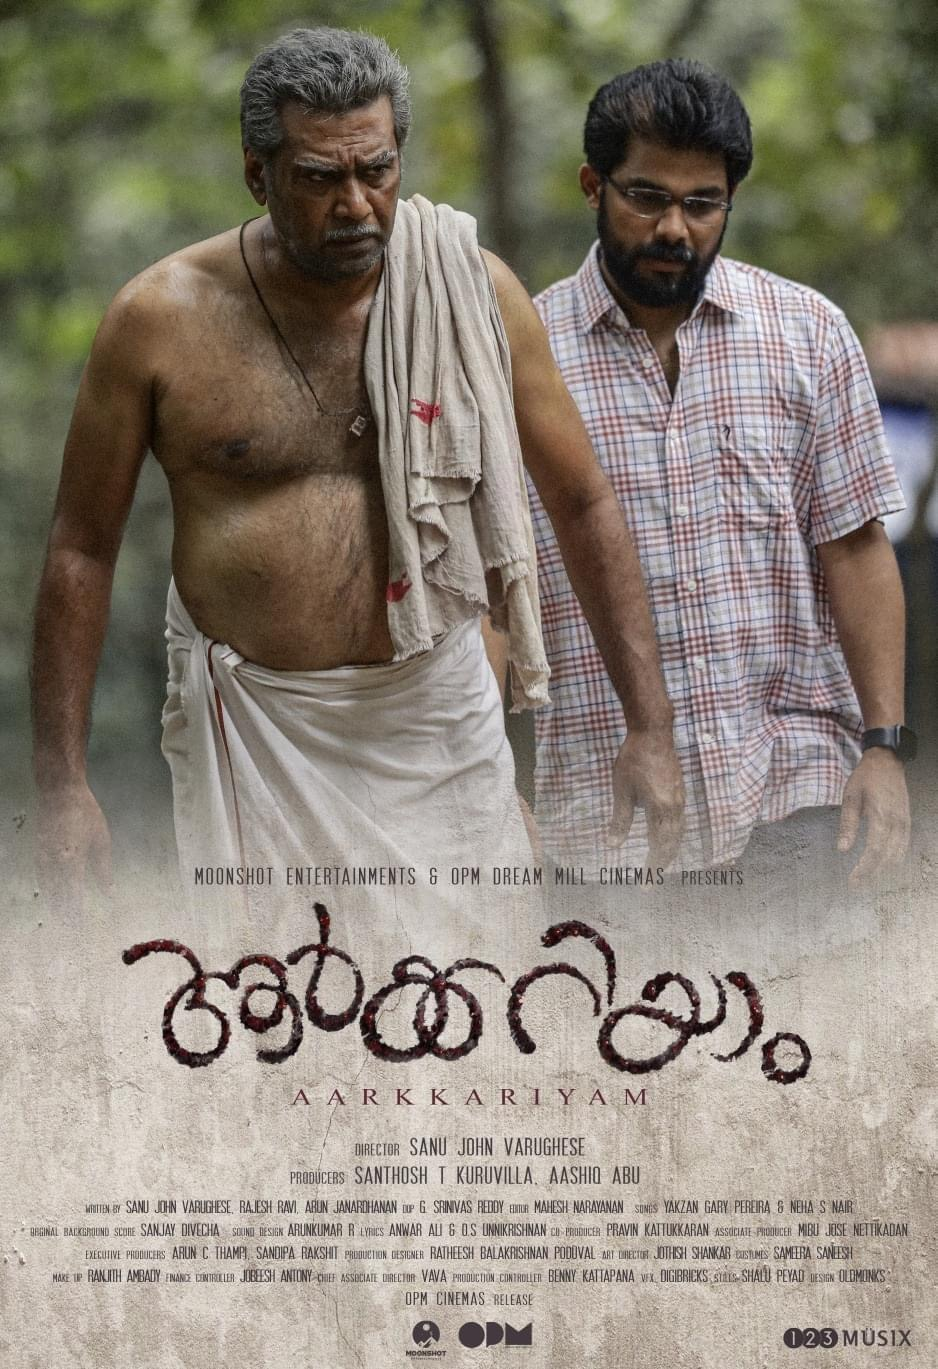 Aarkkariyam (2021) (2021) Full Movie Download